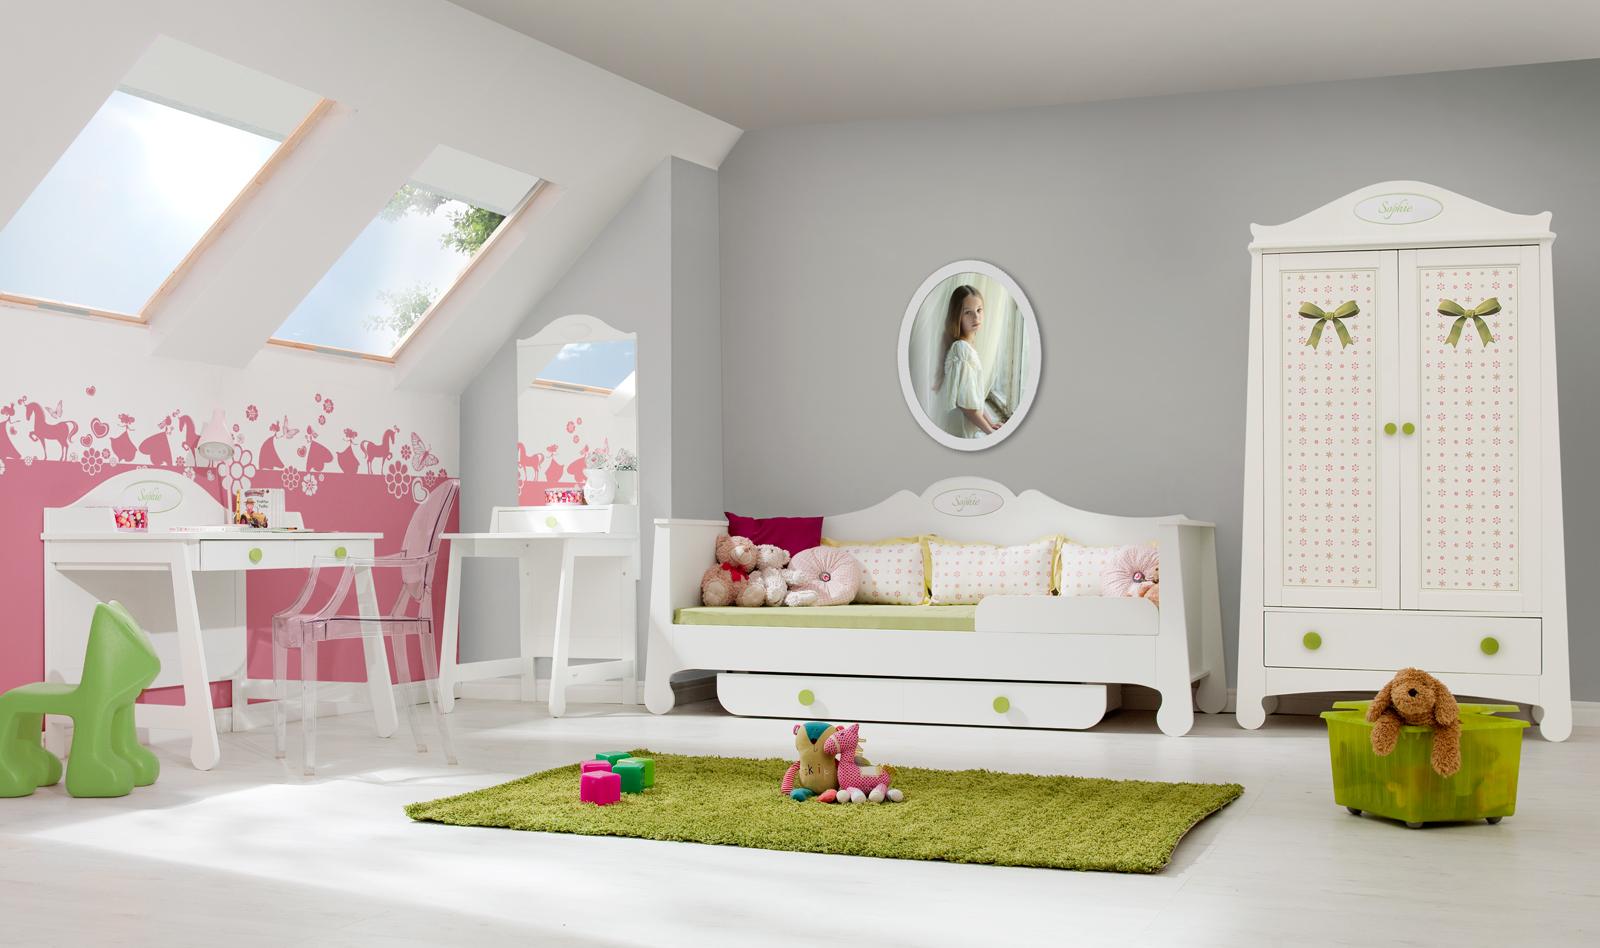 Pinio parole fille   3 meubles   lit 200x90, armoire, bureau ...